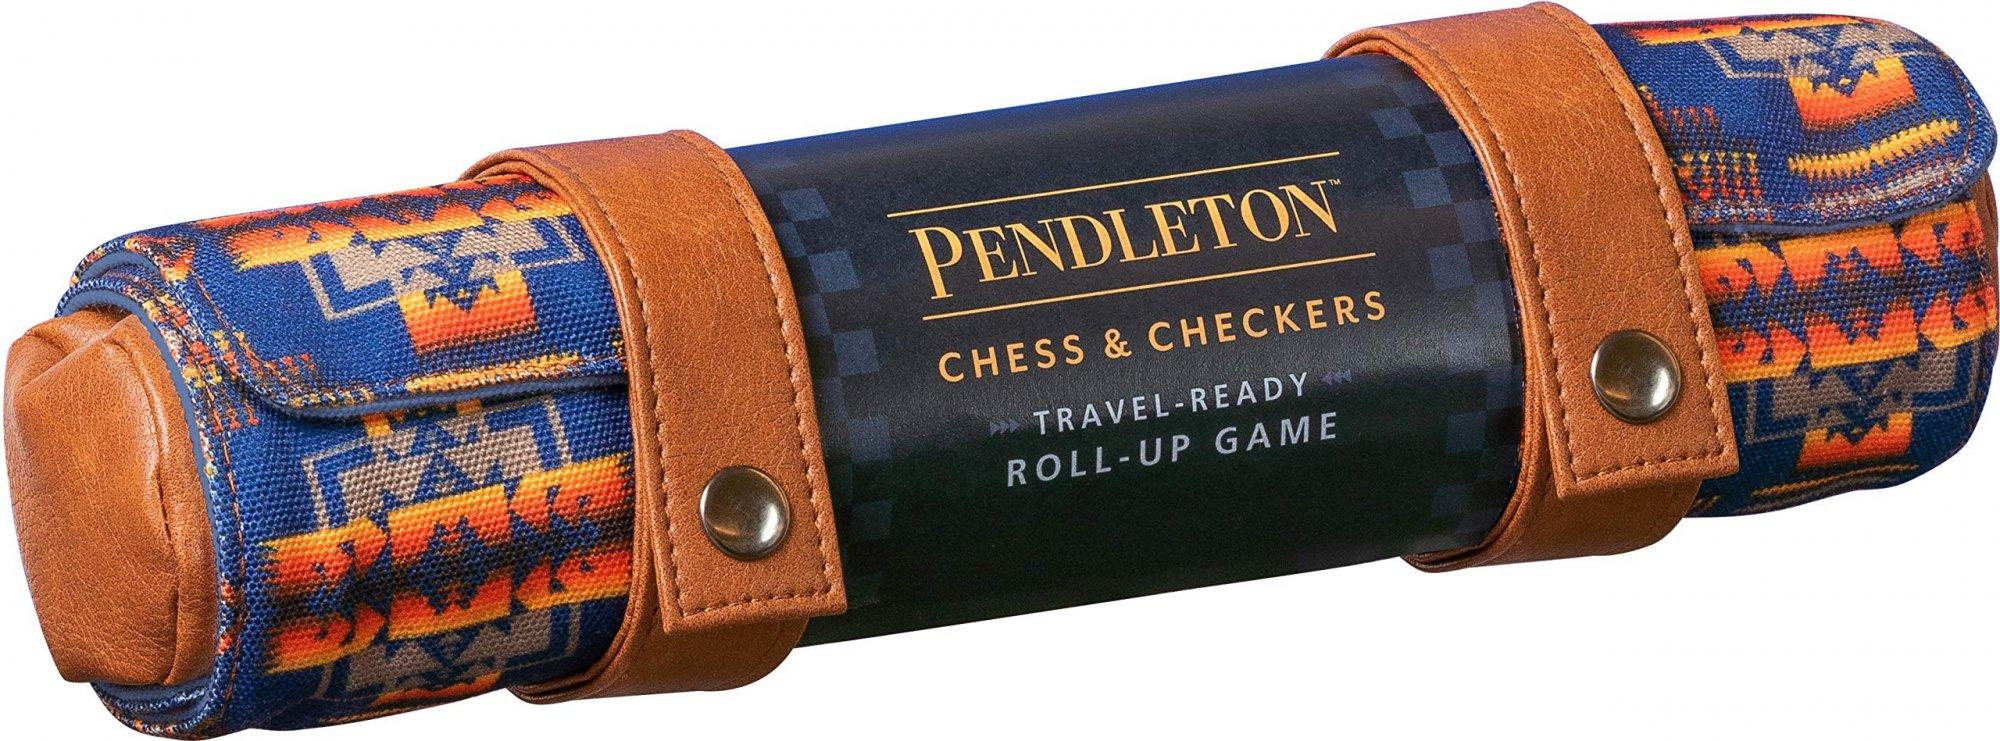 Pendleton Chess